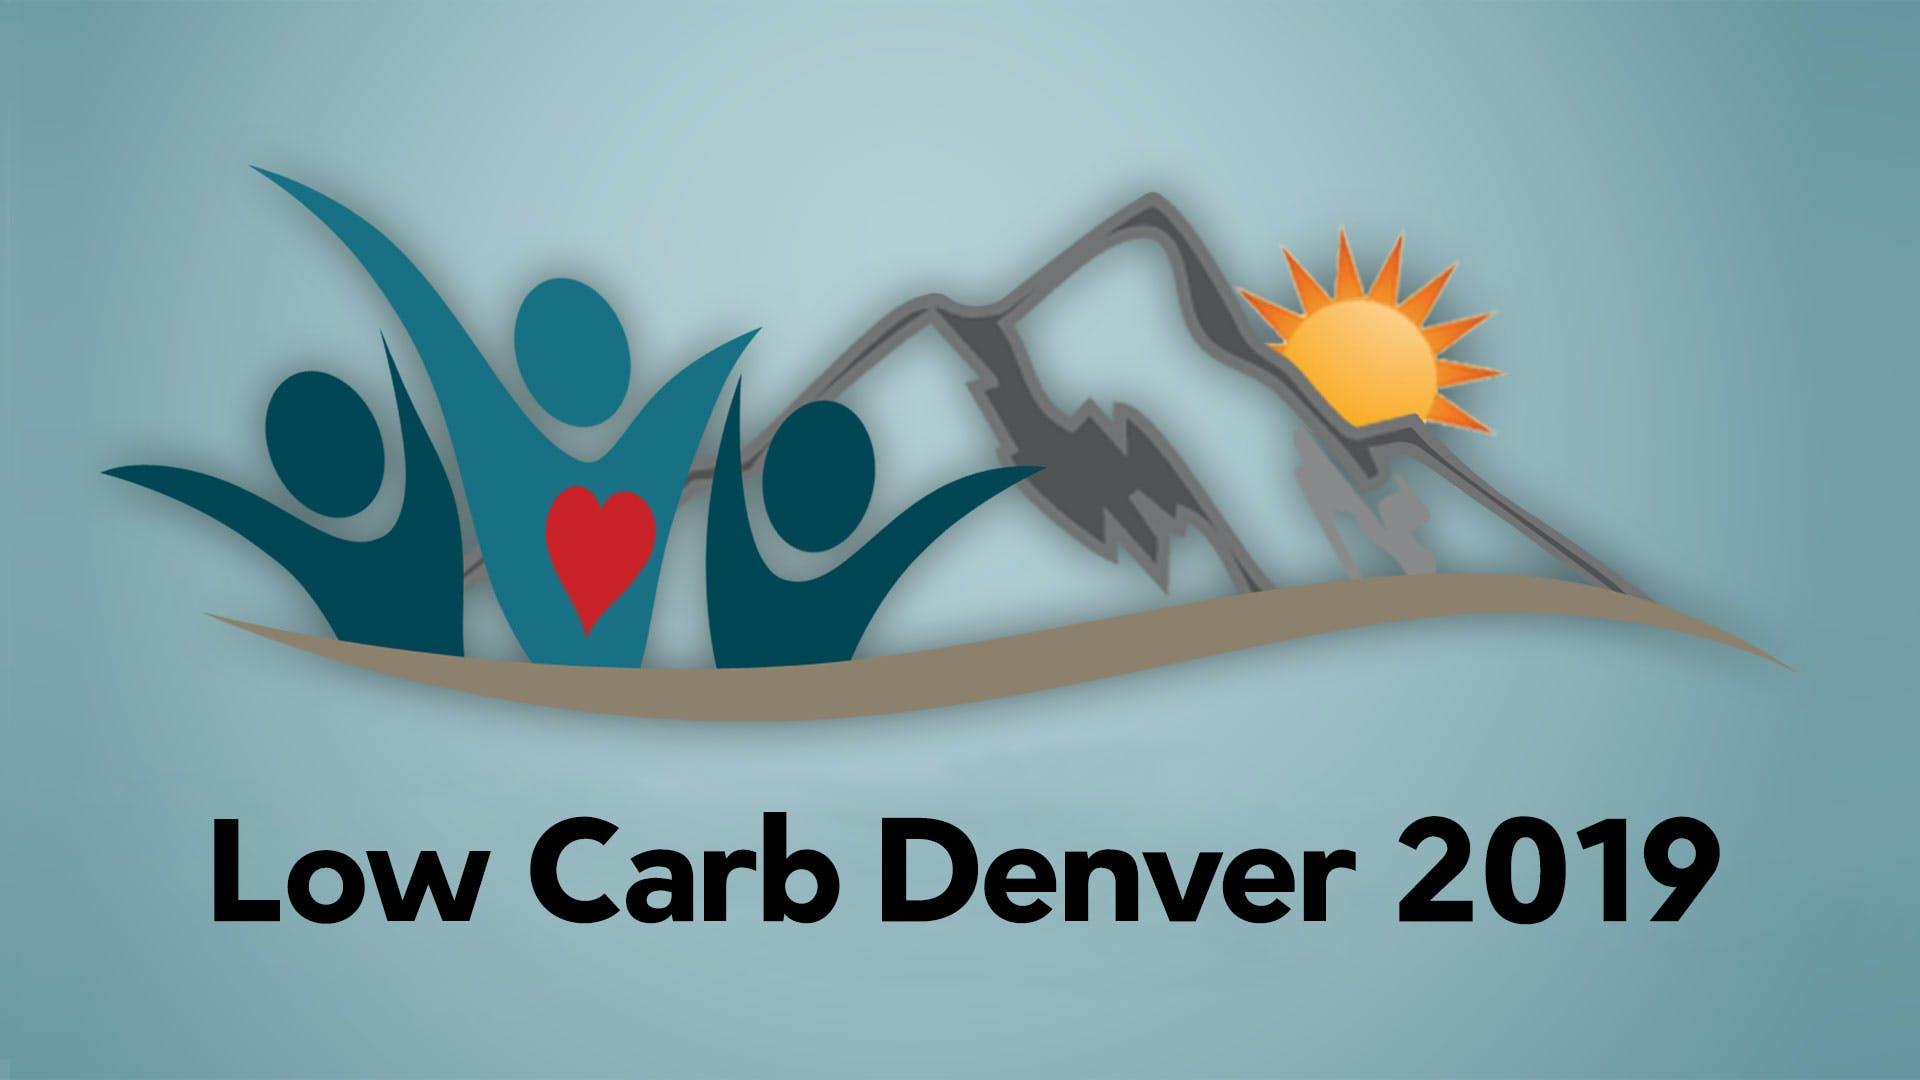 Low Carb Denver 2019